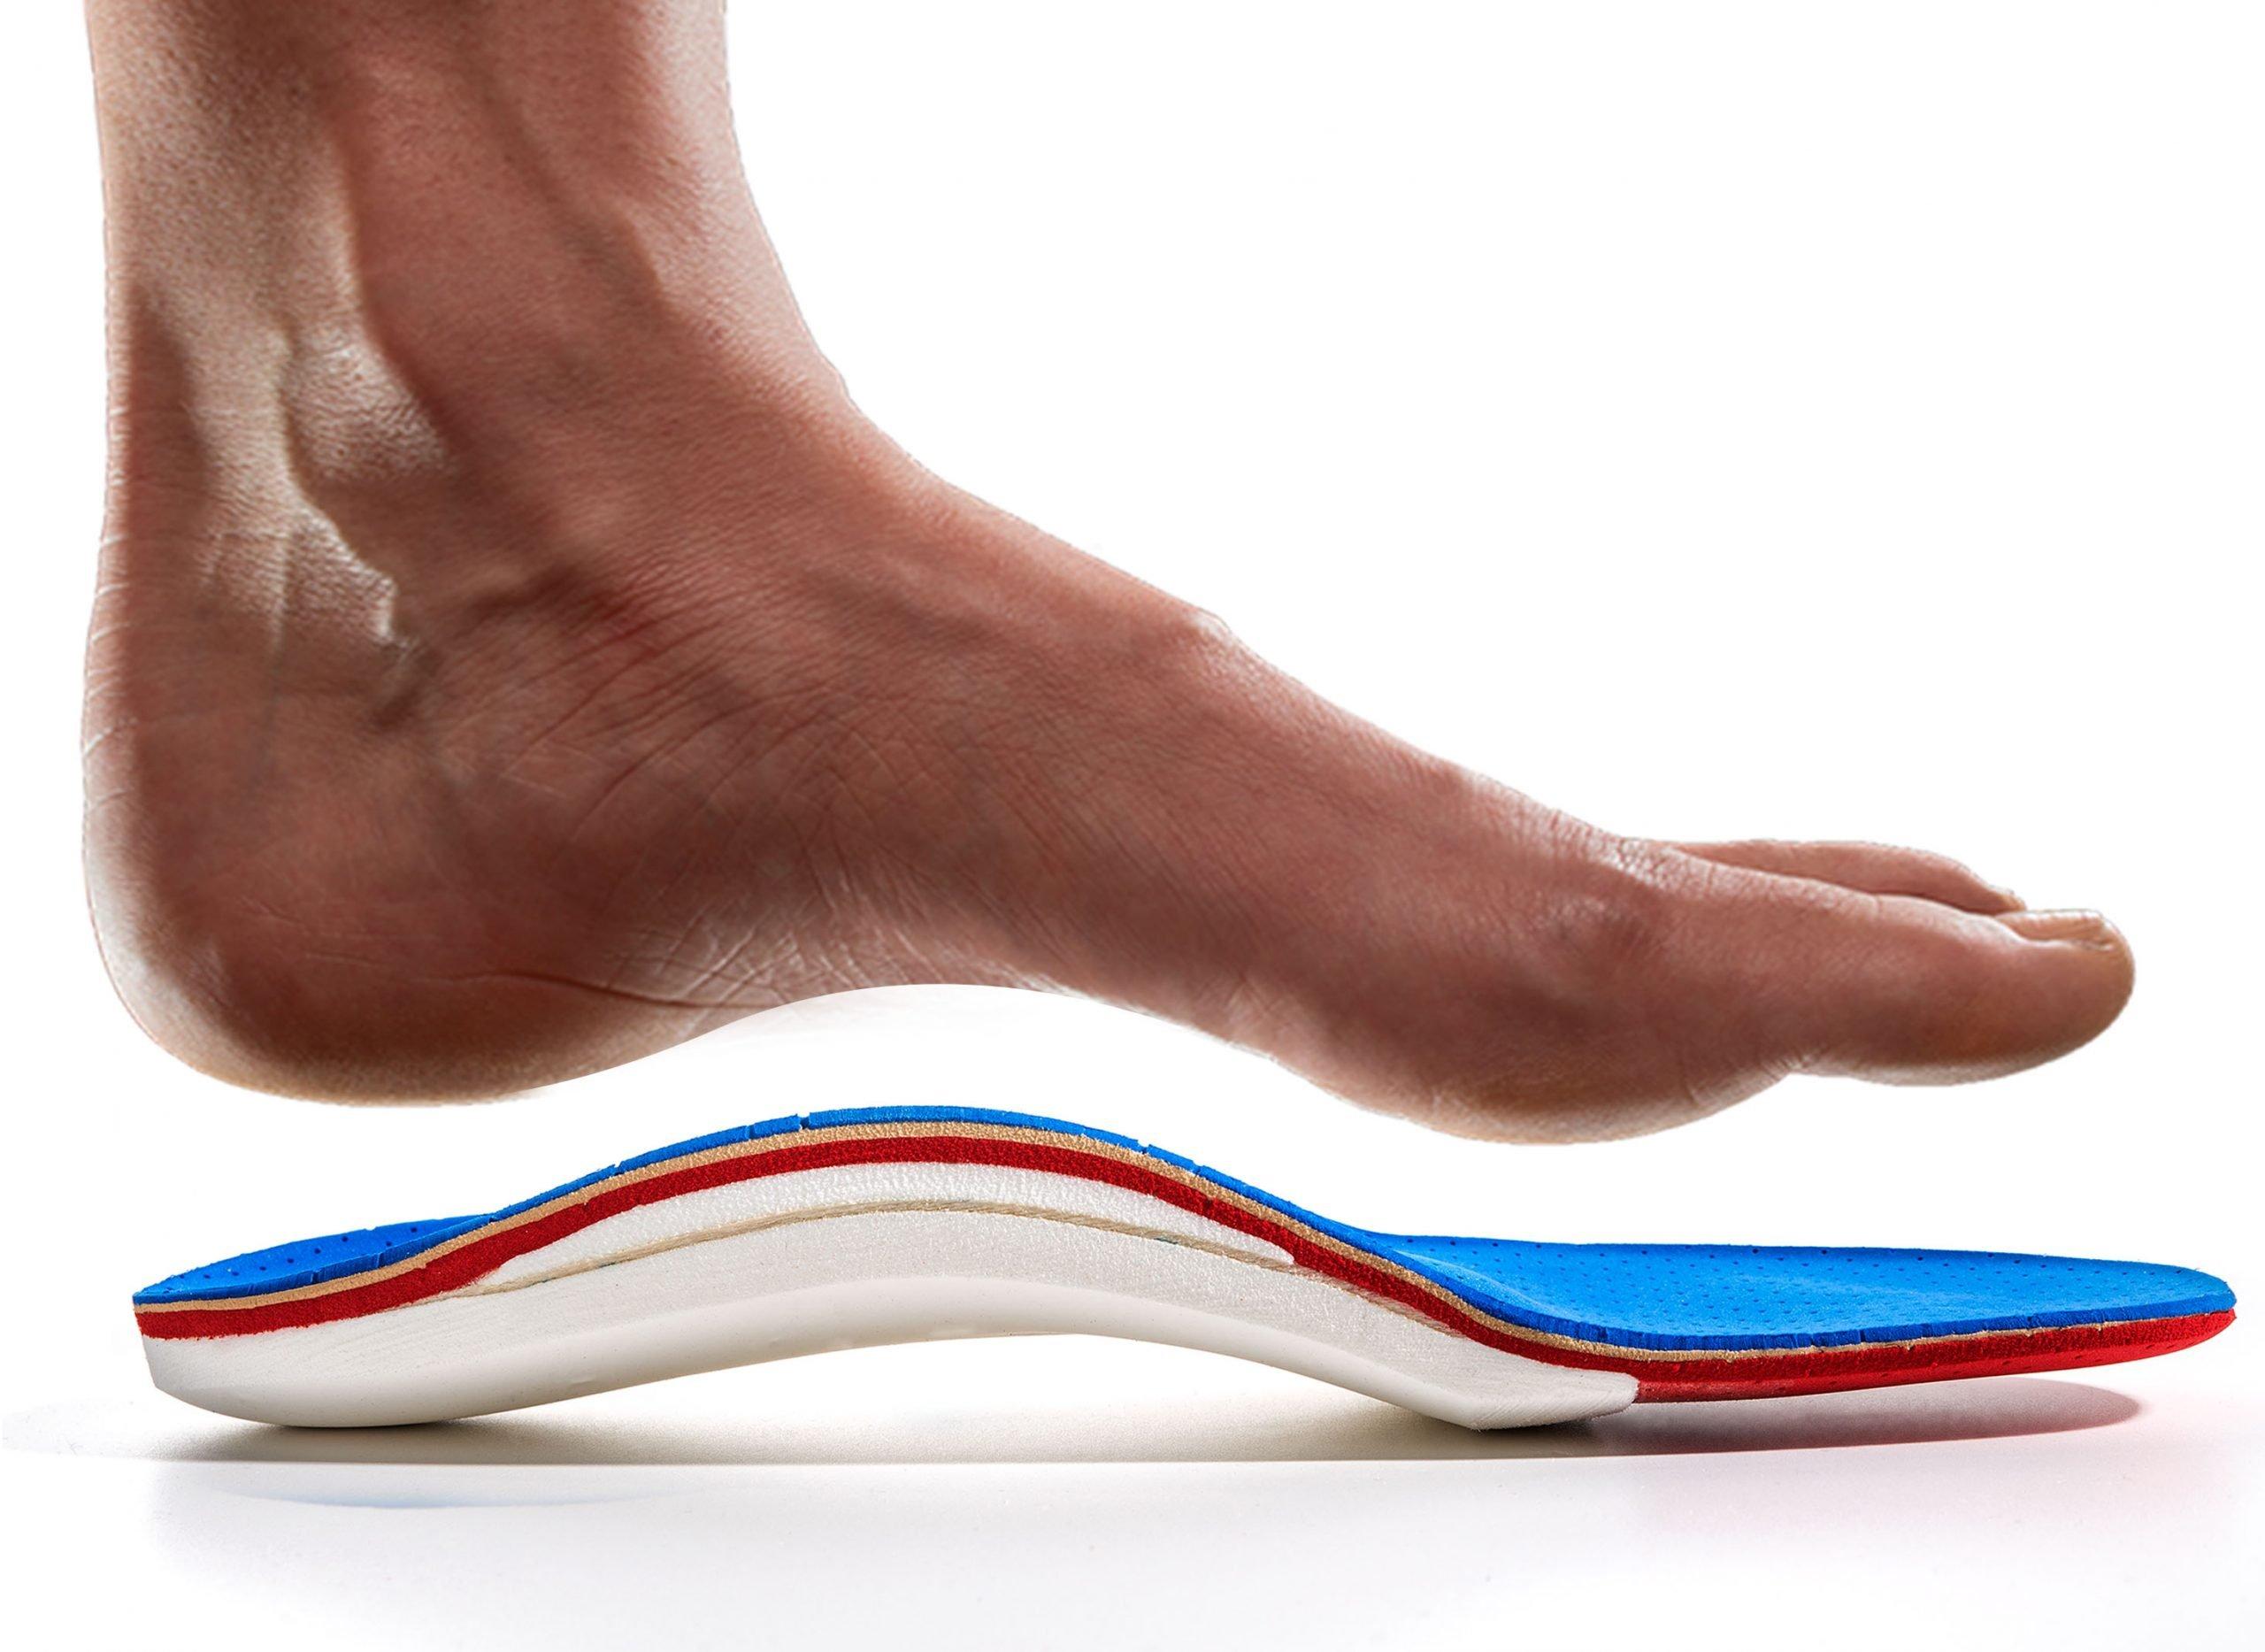 Mal di schiena: può partire dal piede 1